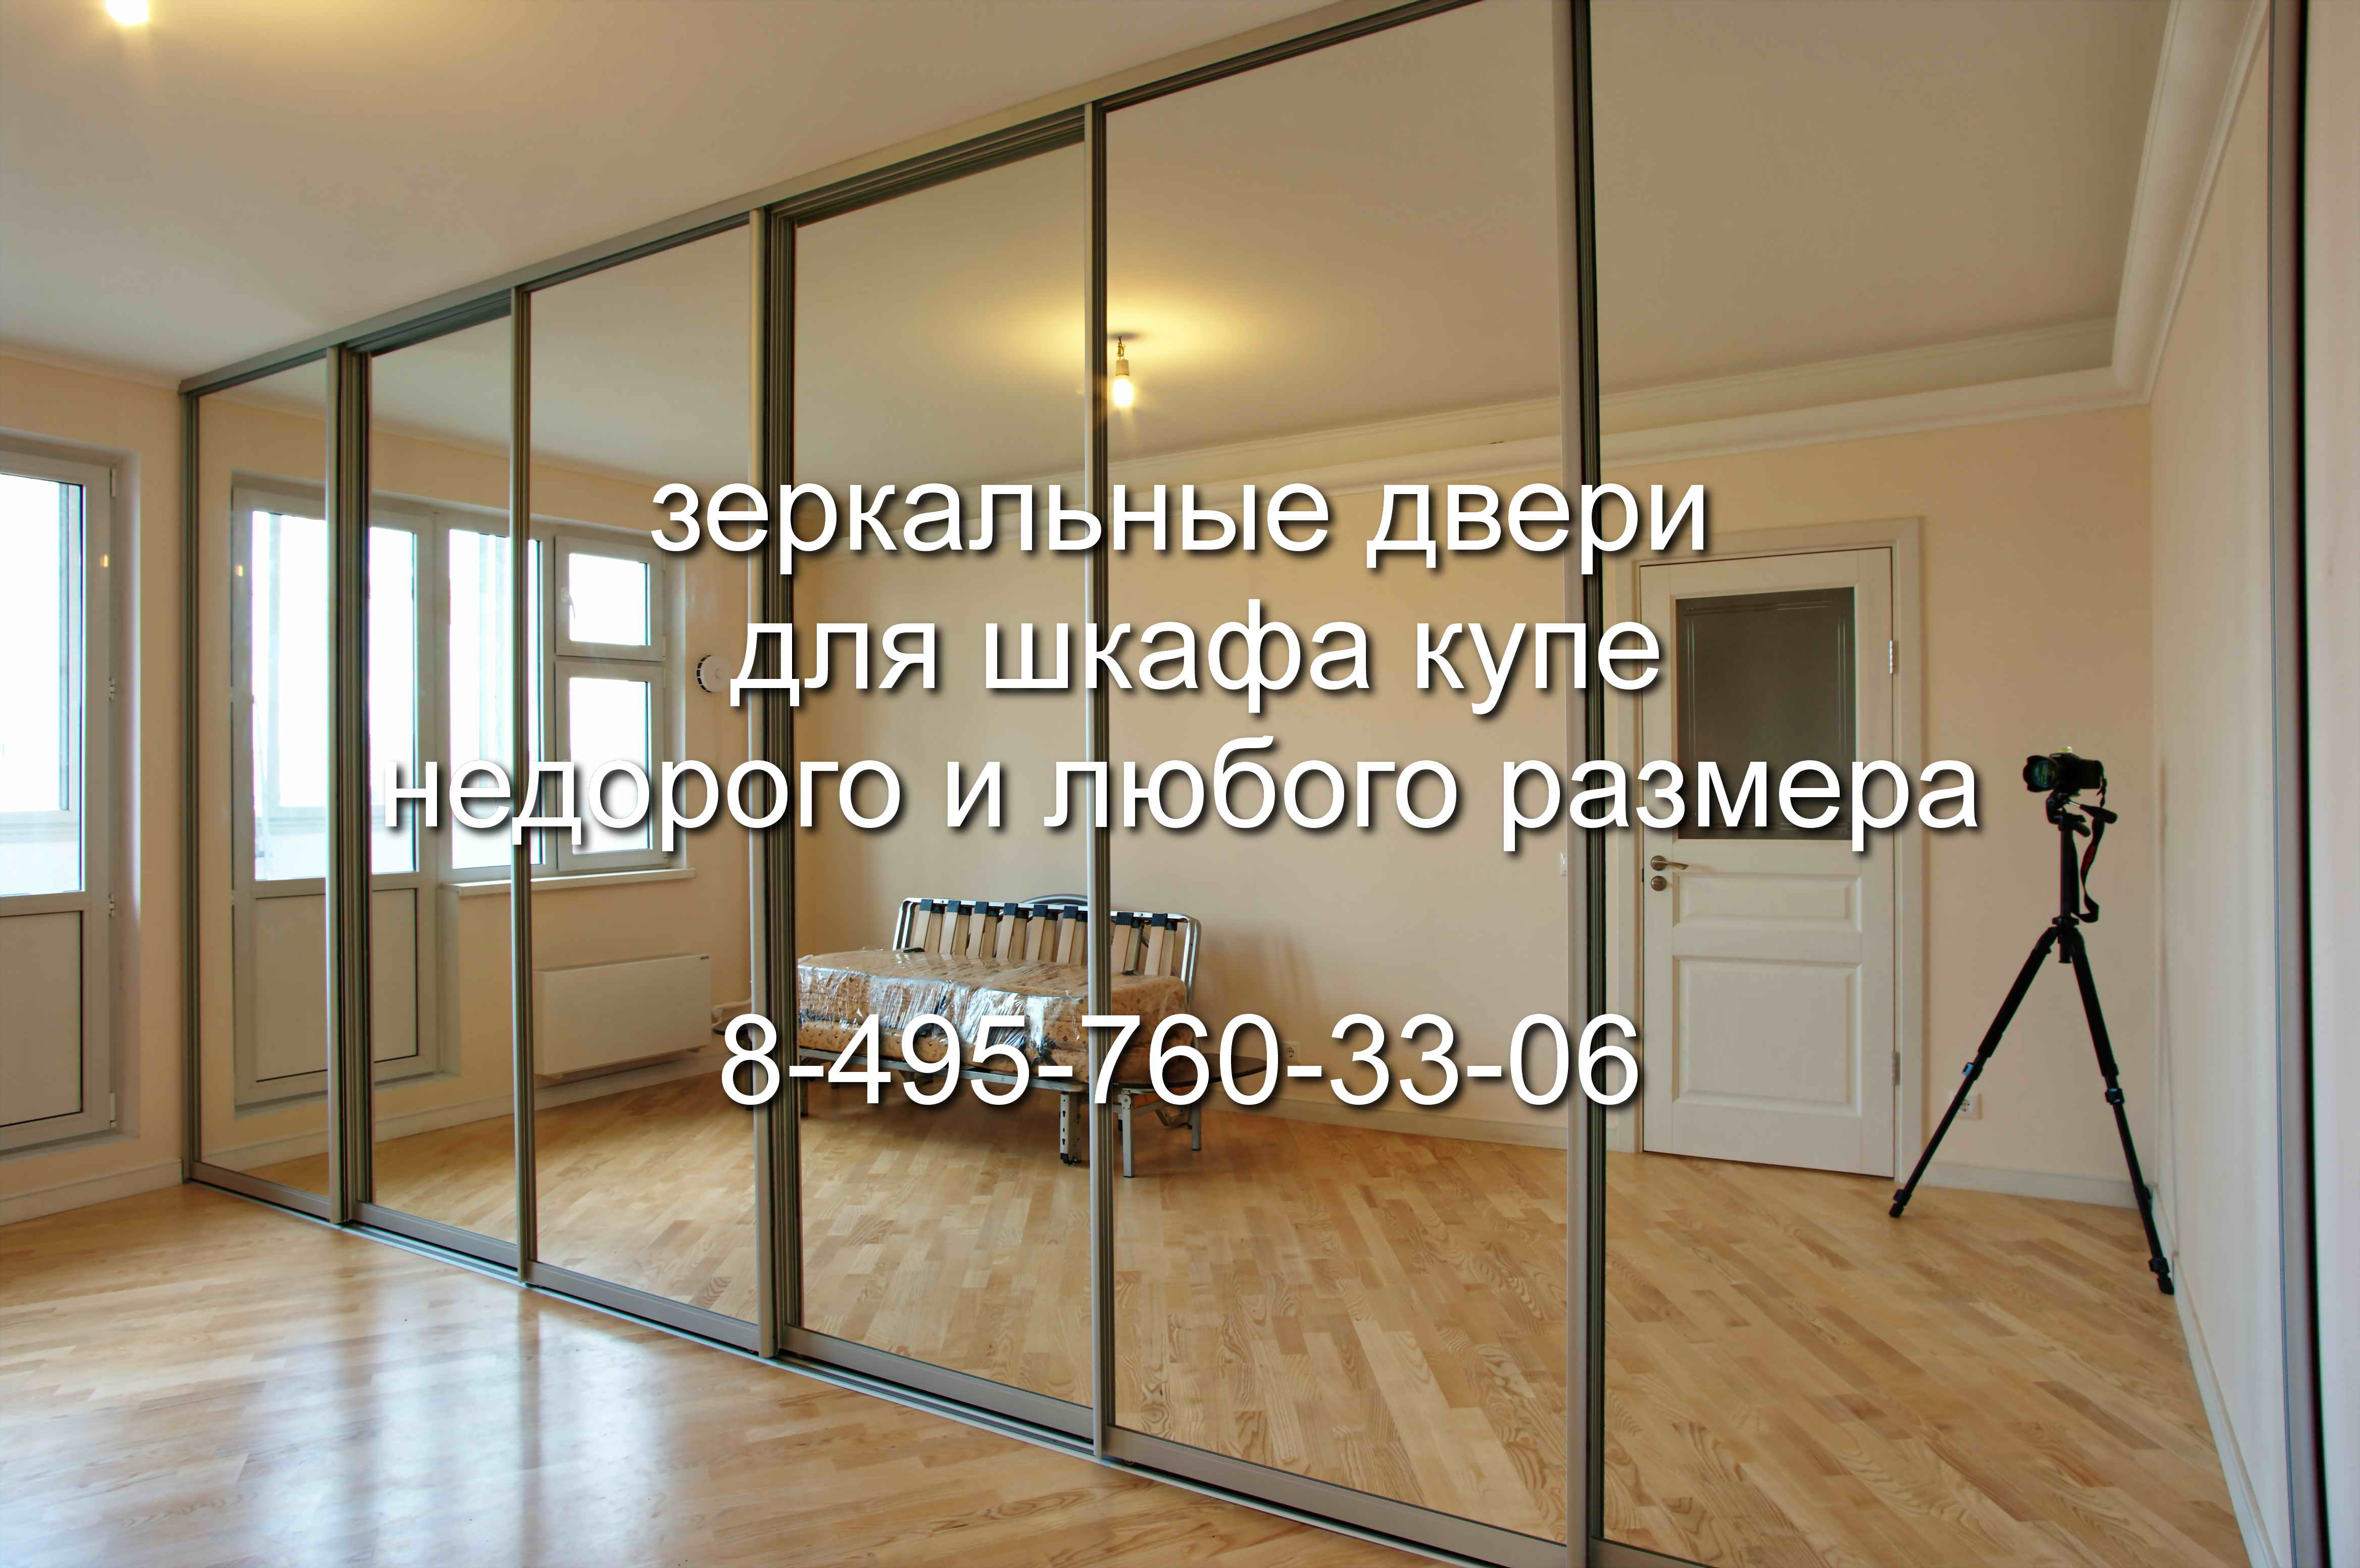 Зеркальные двери: особенности и разновидности Двери Дома 38